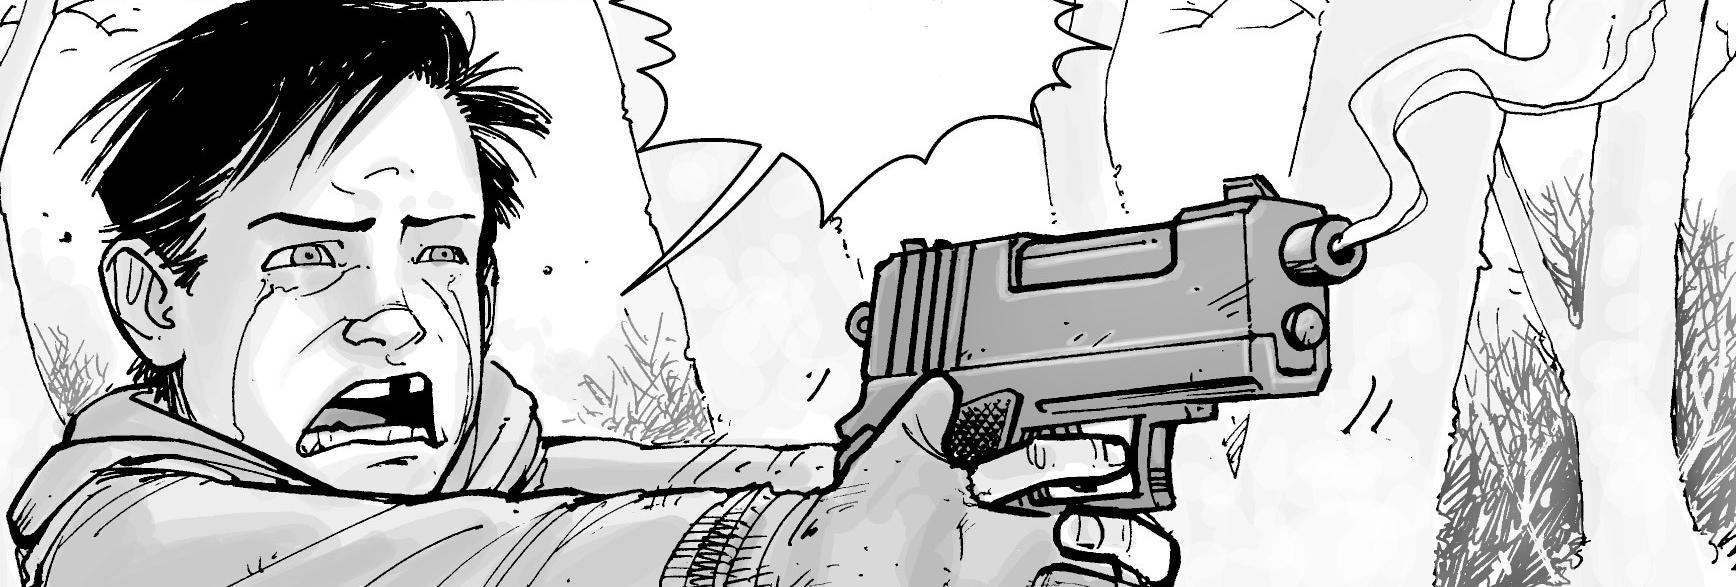 The Walking Dead 006-021